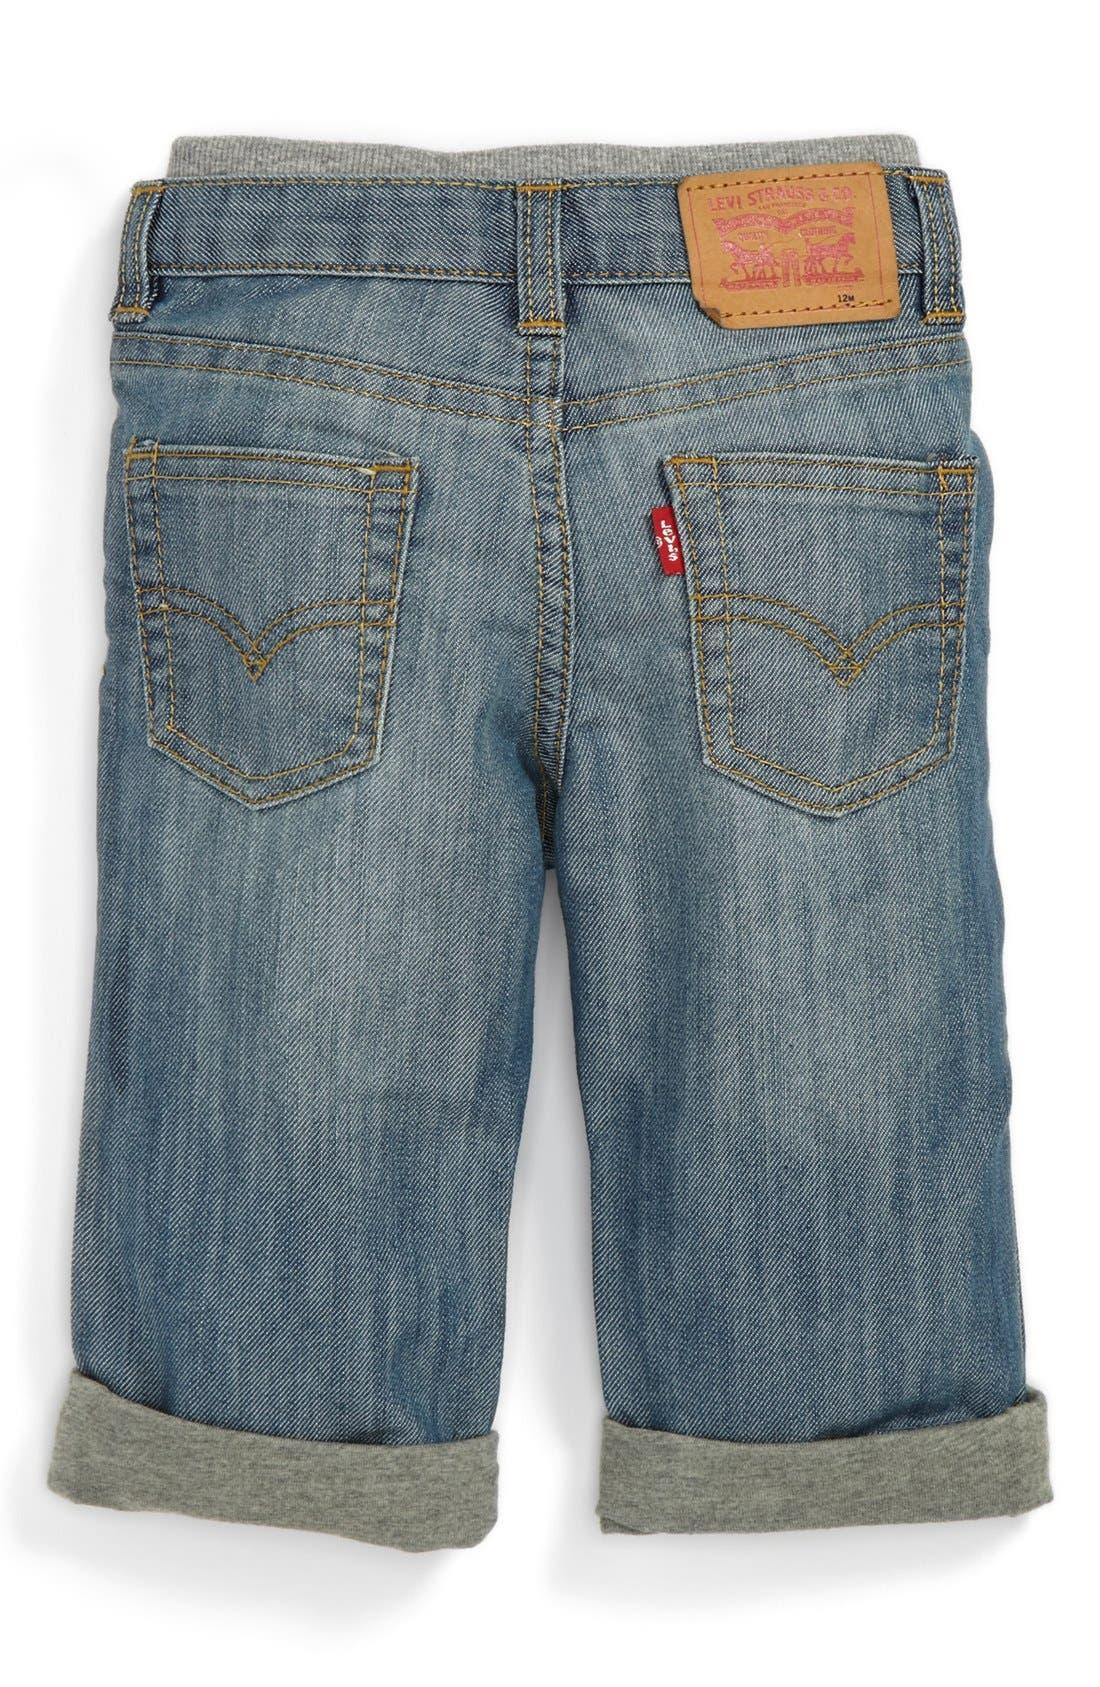 Alternate Image 1 Selected - Levi's '514™' Straight Leg Jeans (Toddler Boys)